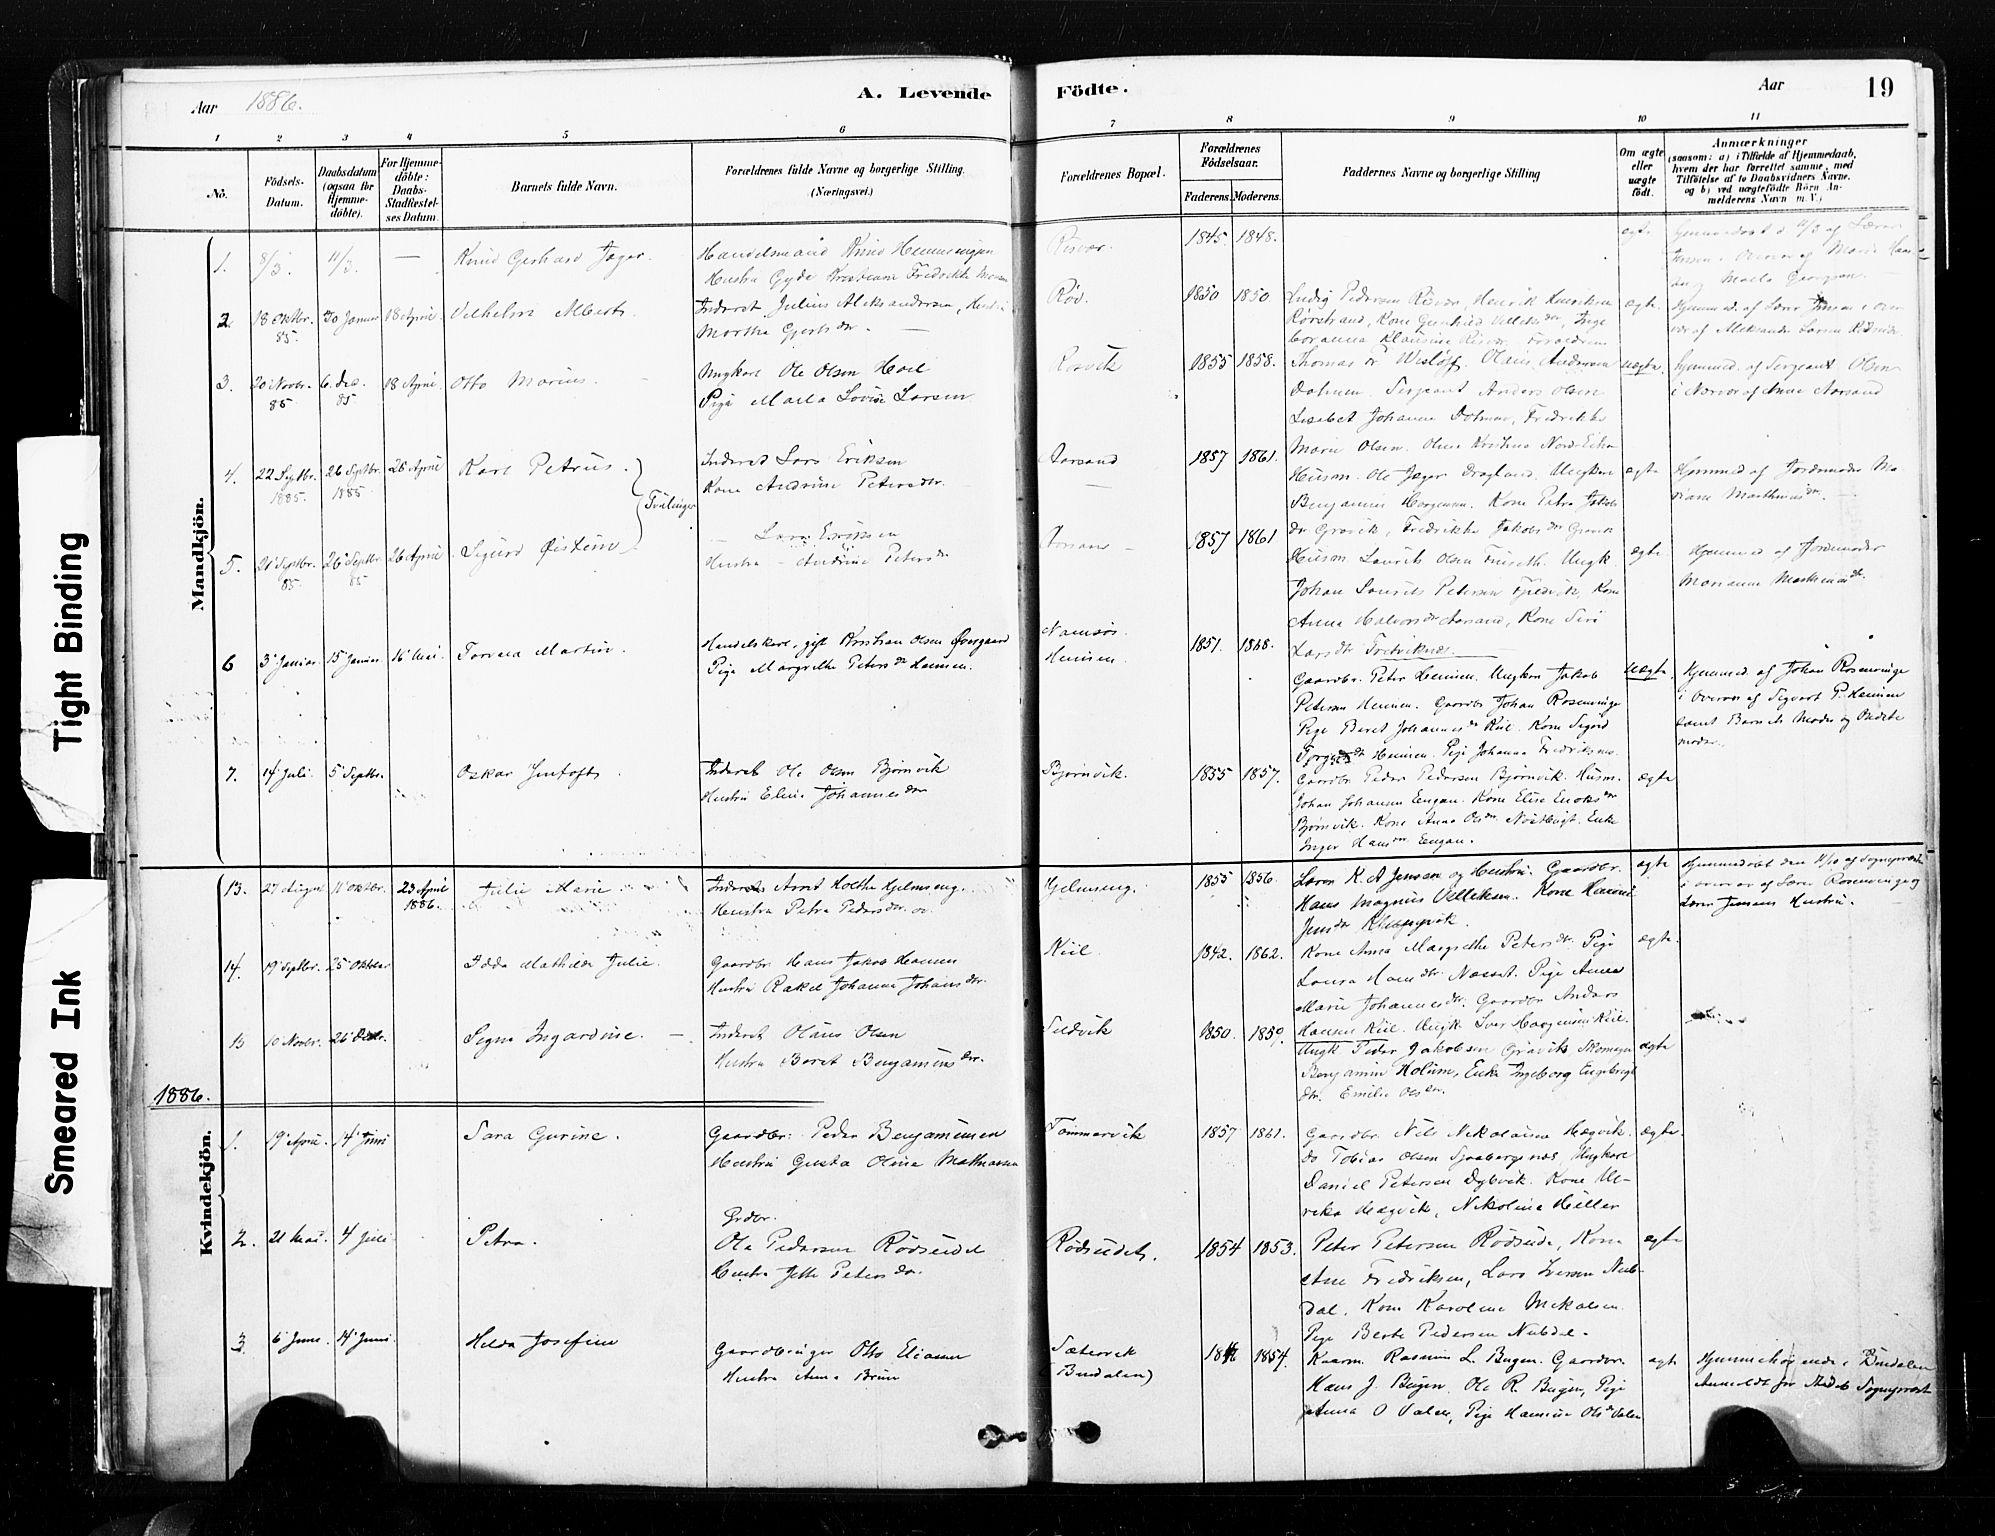 SAT, Ministerialprotokoller, klokkerbøker og fødselsregistre - Nord-Trøndelag, 789/L0705: Ministerialbok nr. 789A01, 1878-1910, s. 19